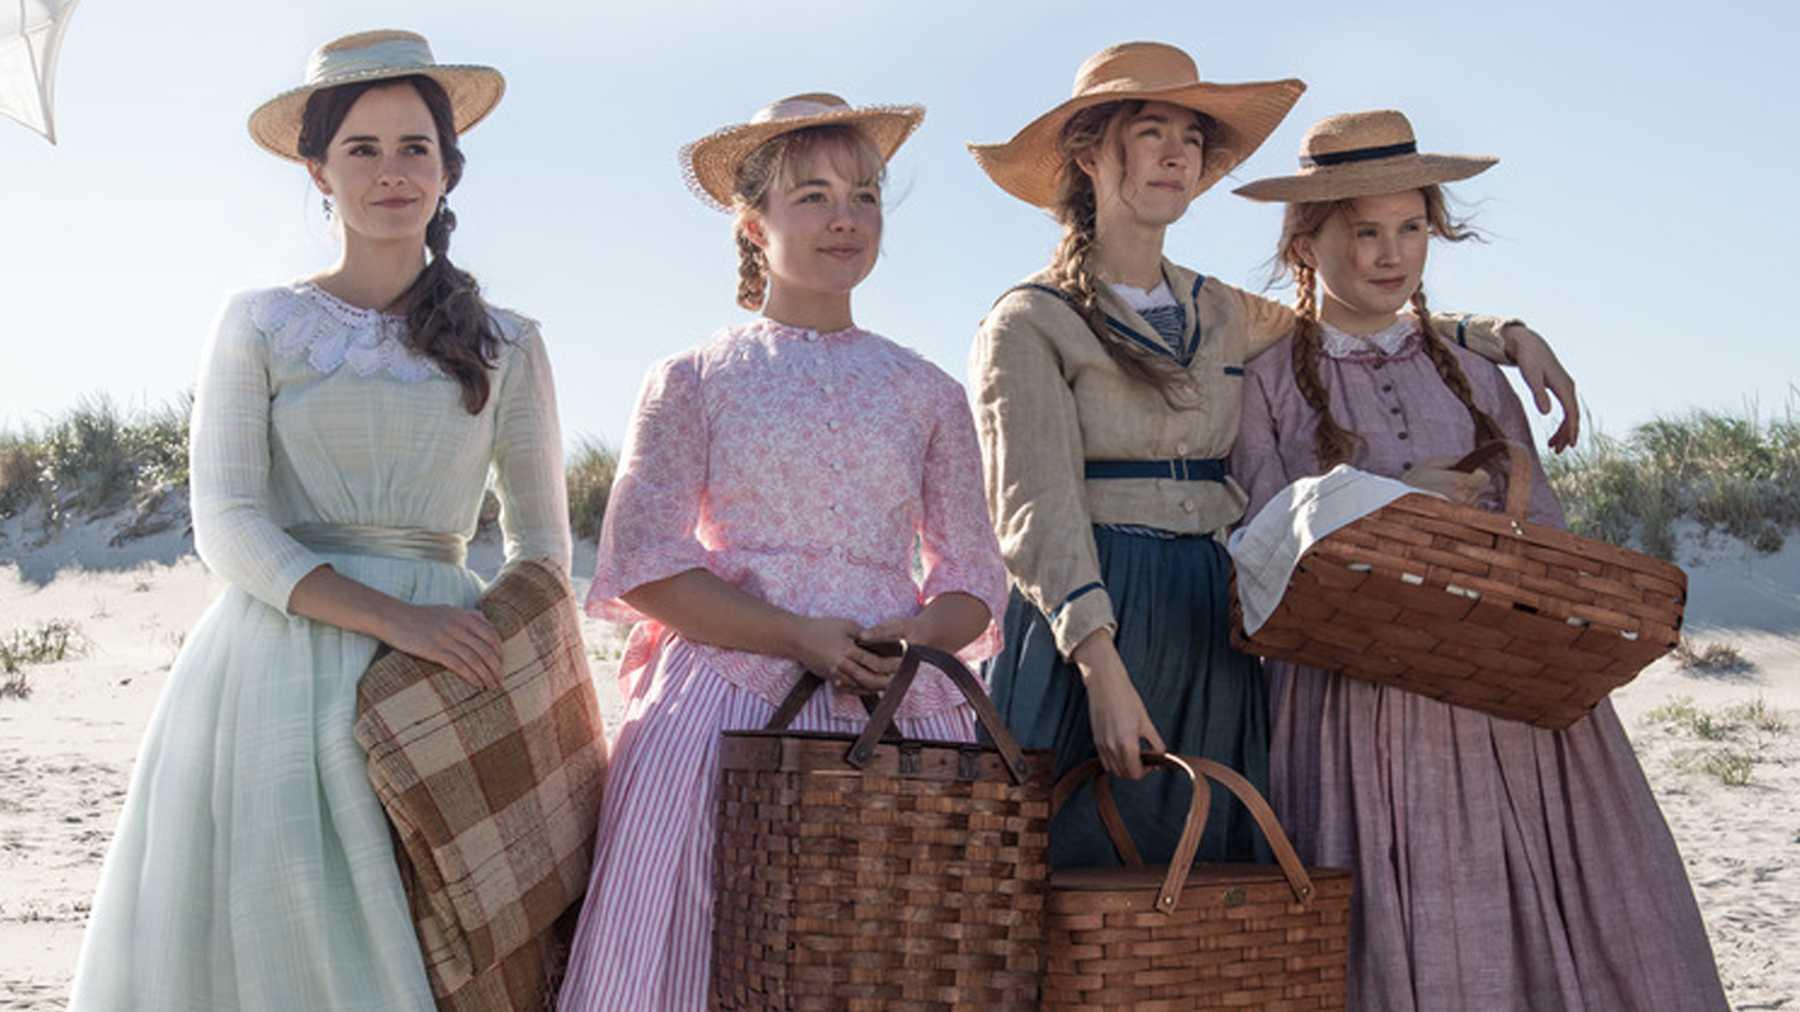 【微雷】《她們》改編文學經典《小婦人》 重現「4姐妹人生」反映現代:女孩不只有愛情